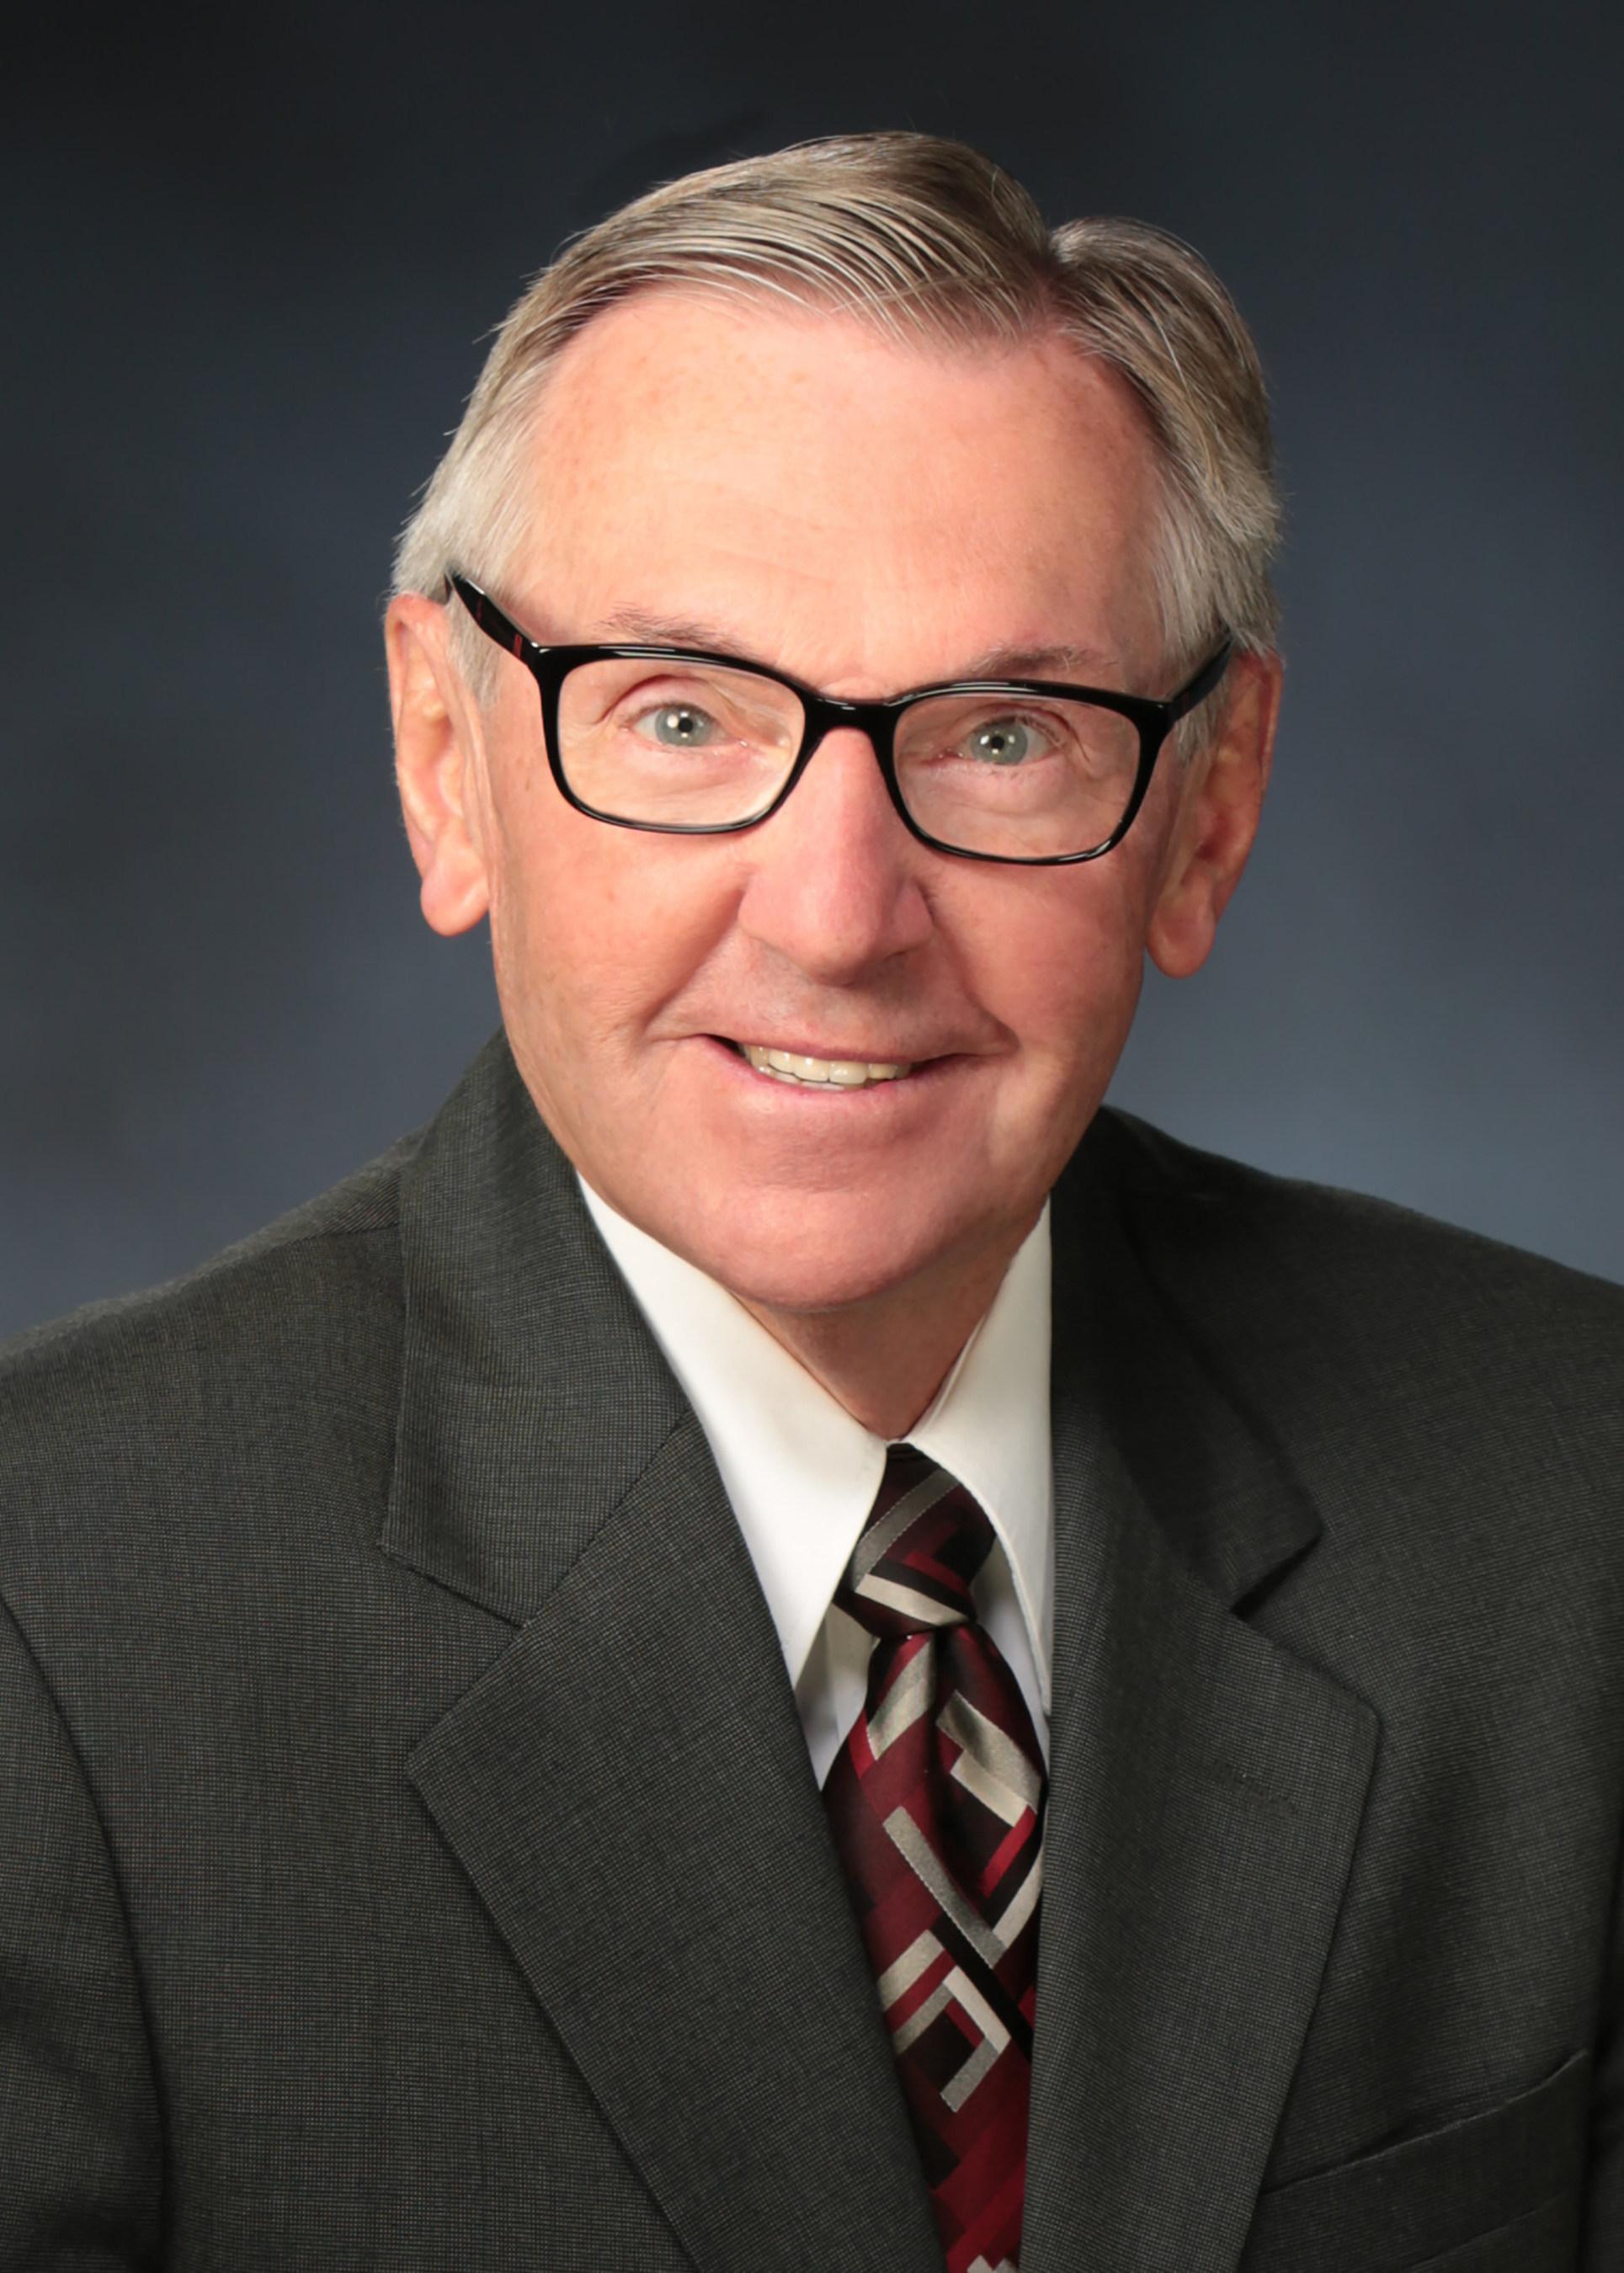 John W. Becher, DO, president American Osteopathic Association